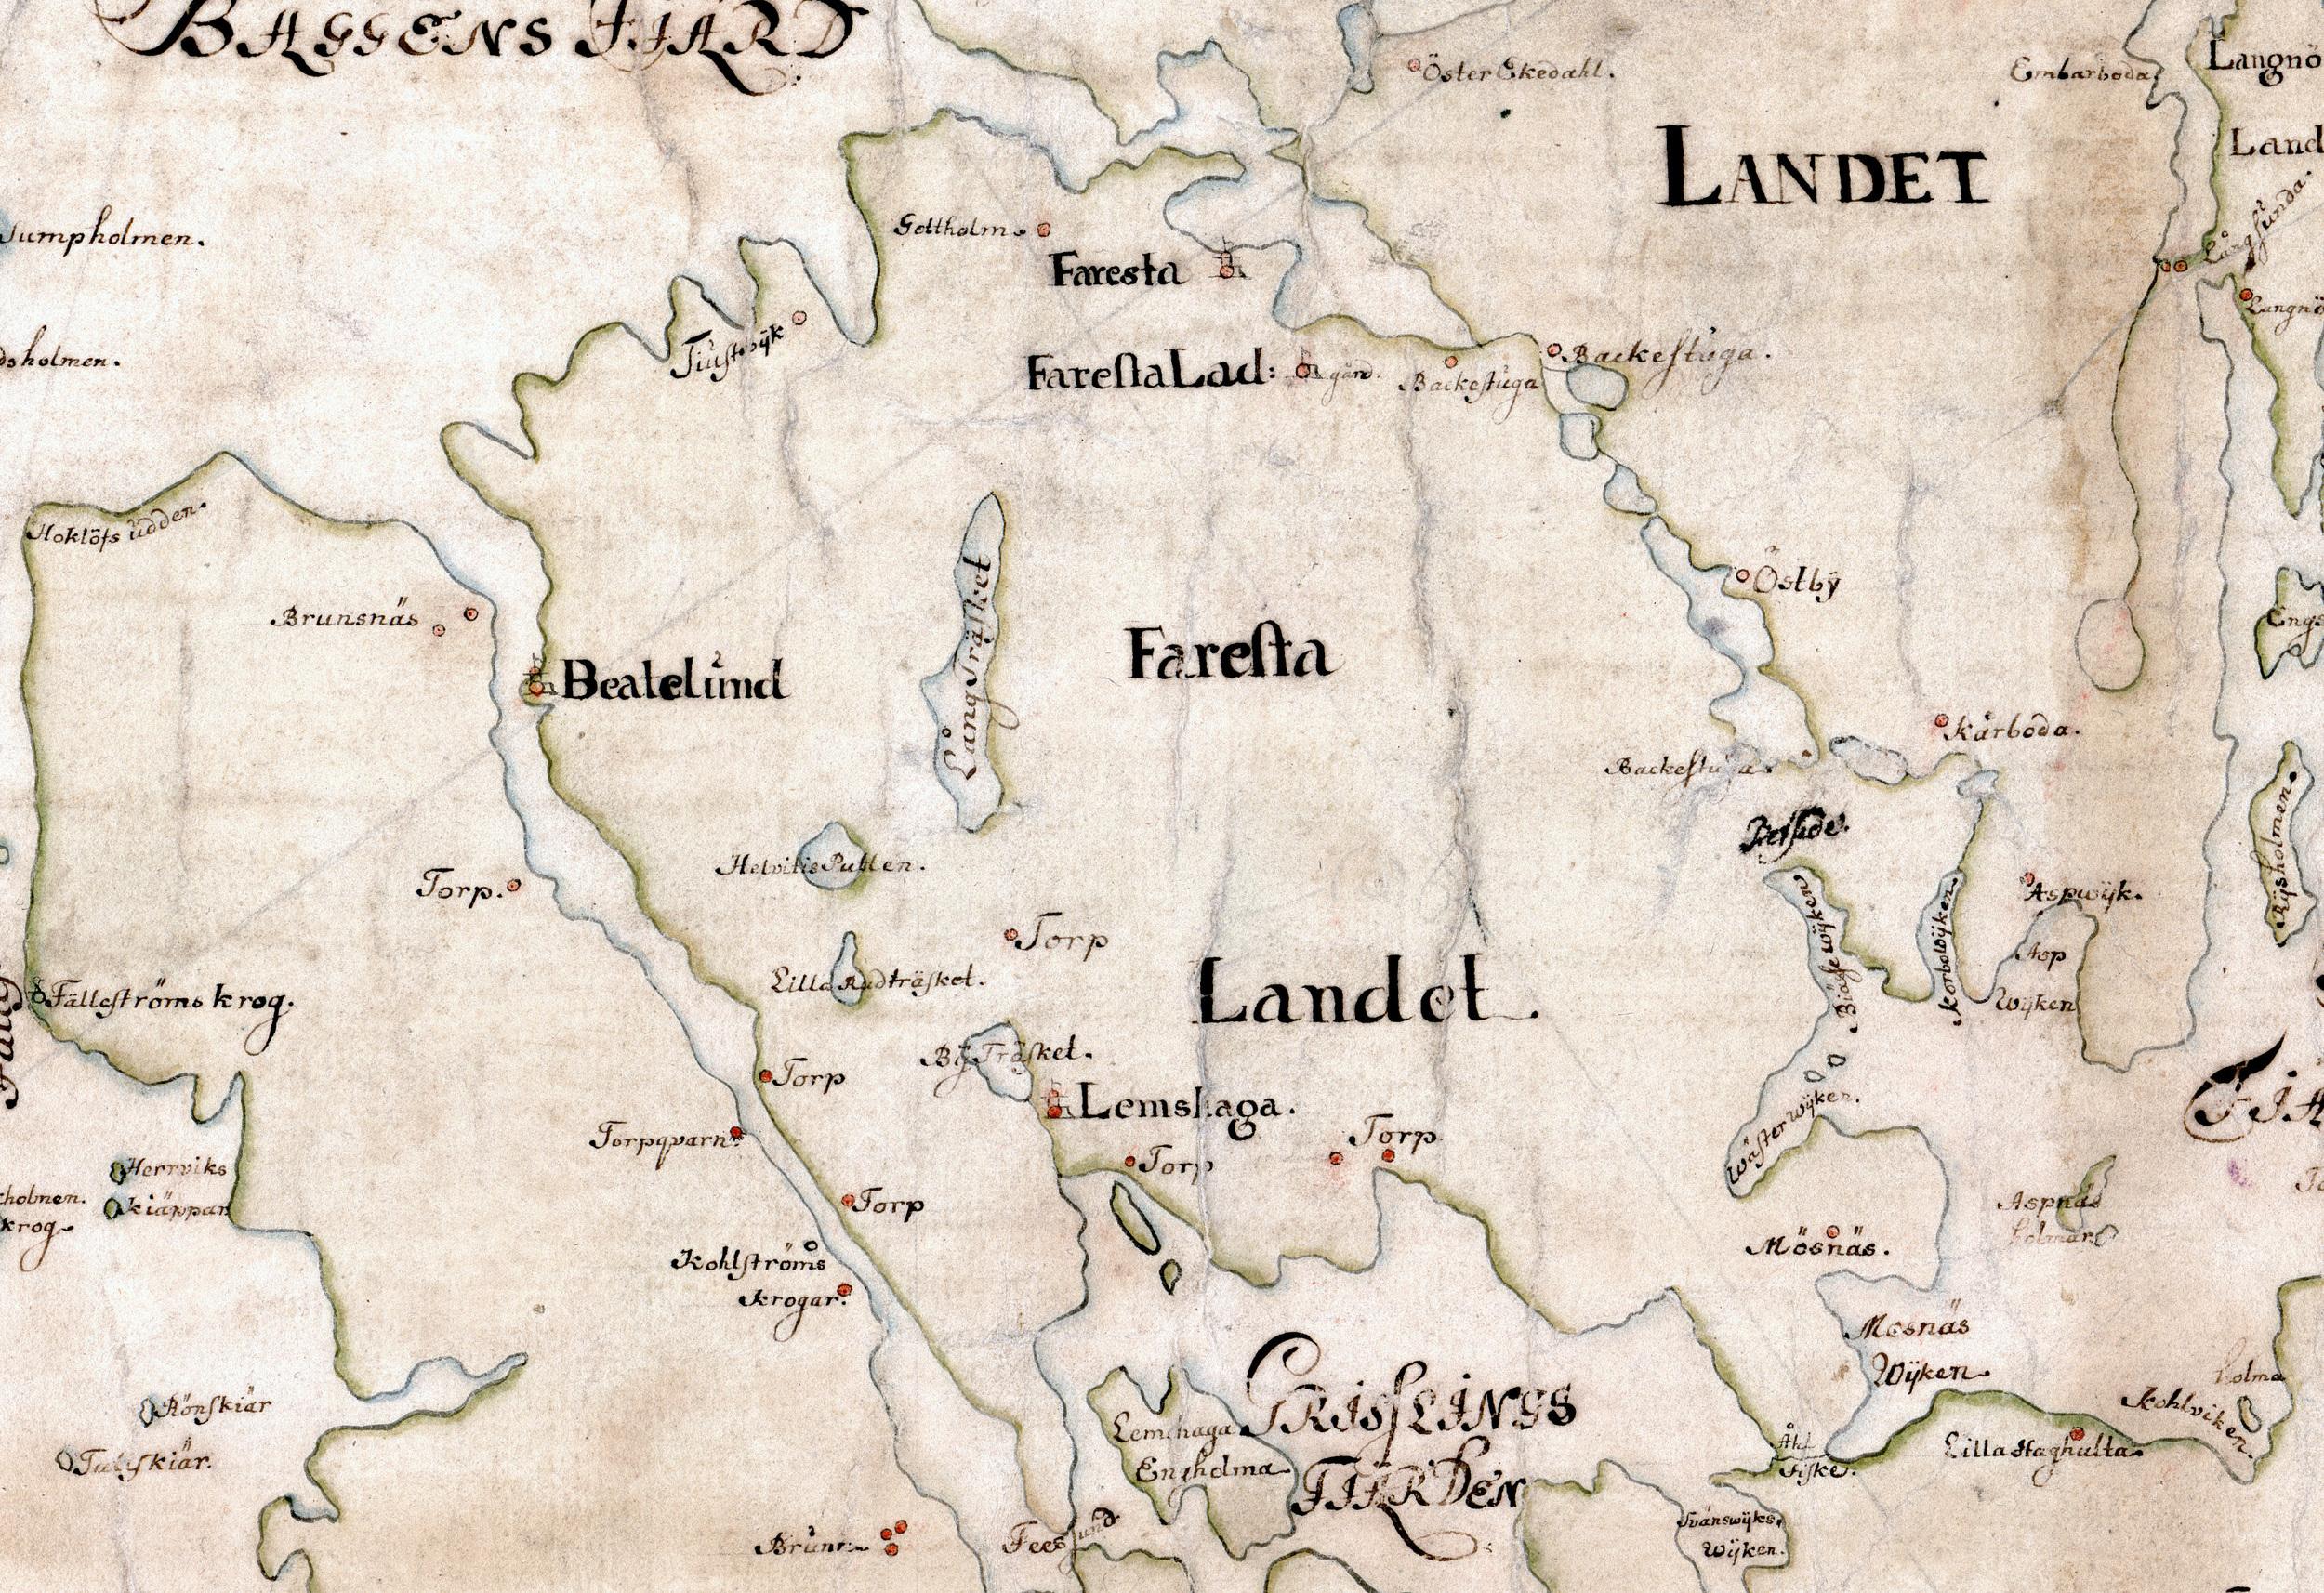 Den ryska galärflottan angrep västra Farstalandet den 15 juli medan östra delen skonades eftersom de ryska fartygen aldrig kom in i Grisslingefjärden eller Torsbyfjärden. Detalj av Carl Gripenhielms skärgårdskarta från 1690-talet. Väderstrecken är förvridna.